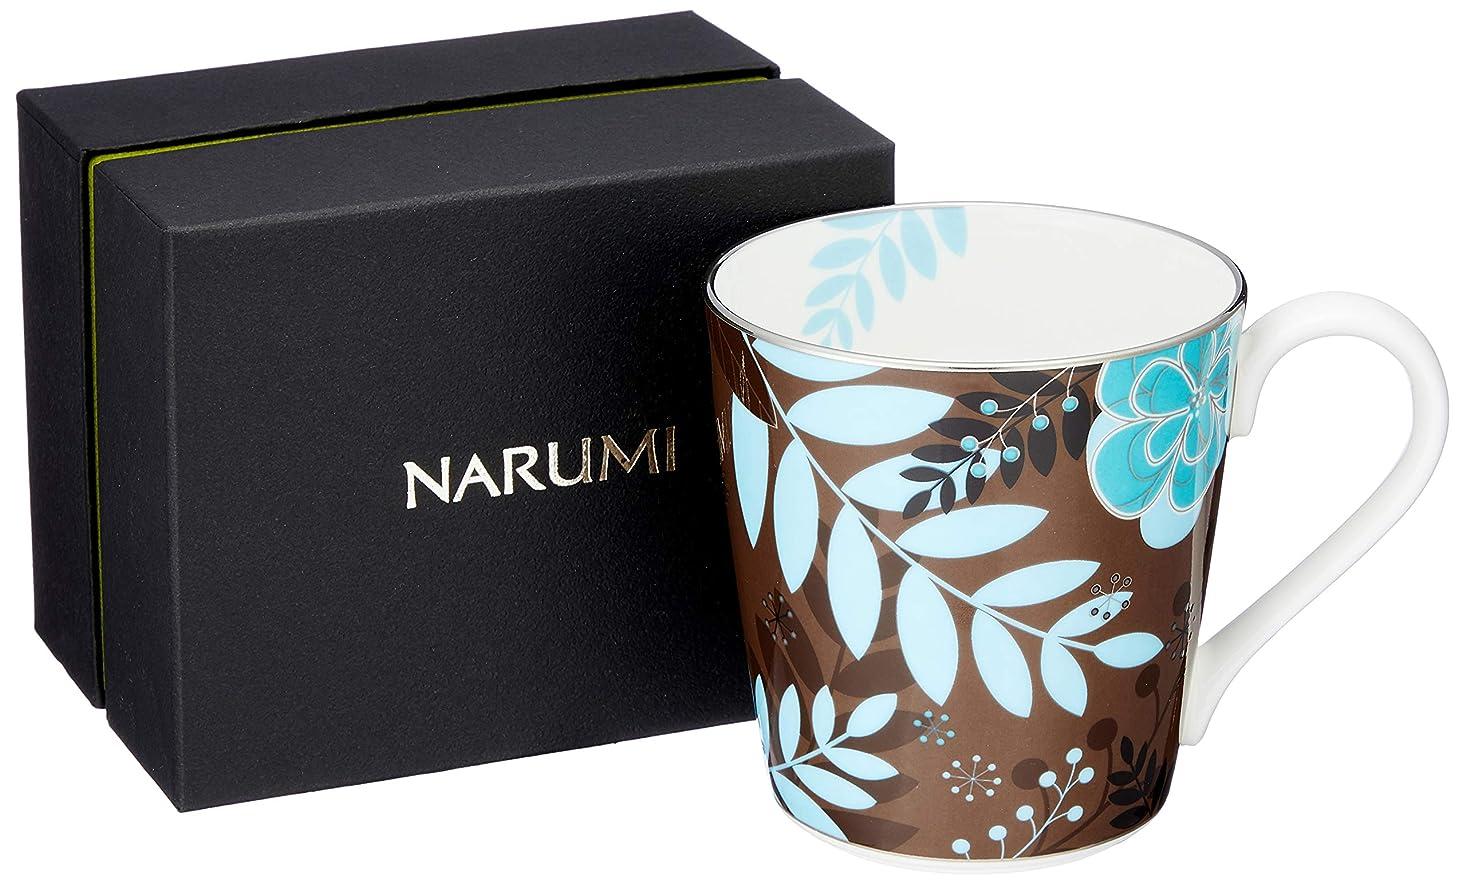 艶ステッチくるくるNARUMI(ナルミ) マグカップ フローラルパラダイス ブラウン 290cc 51068-2773P